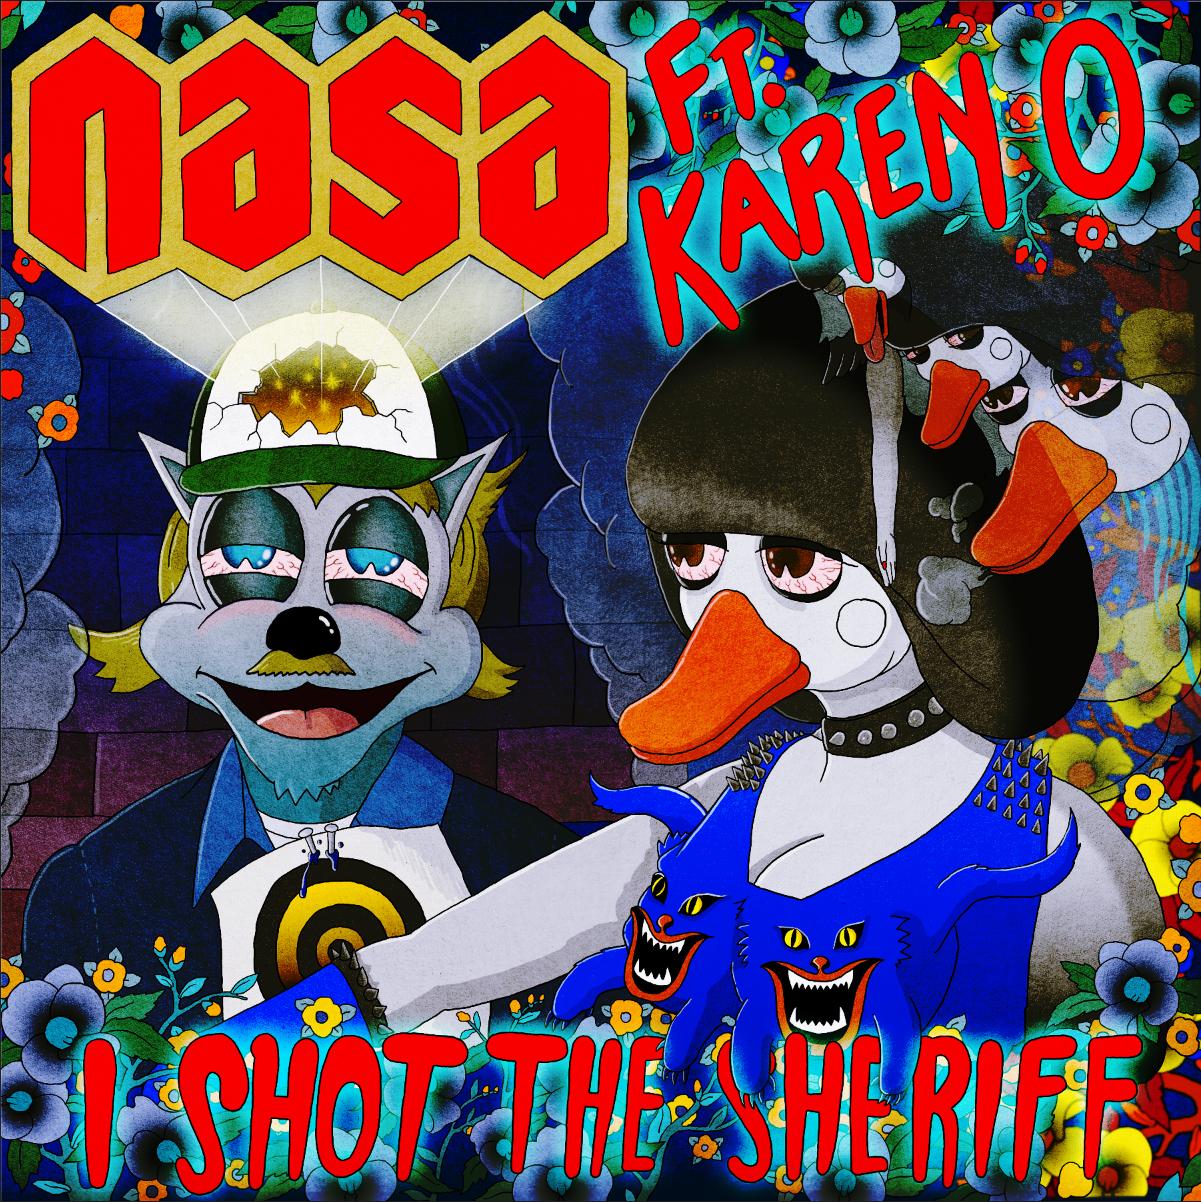 NASA_KO_ISTS_web_o.jpg